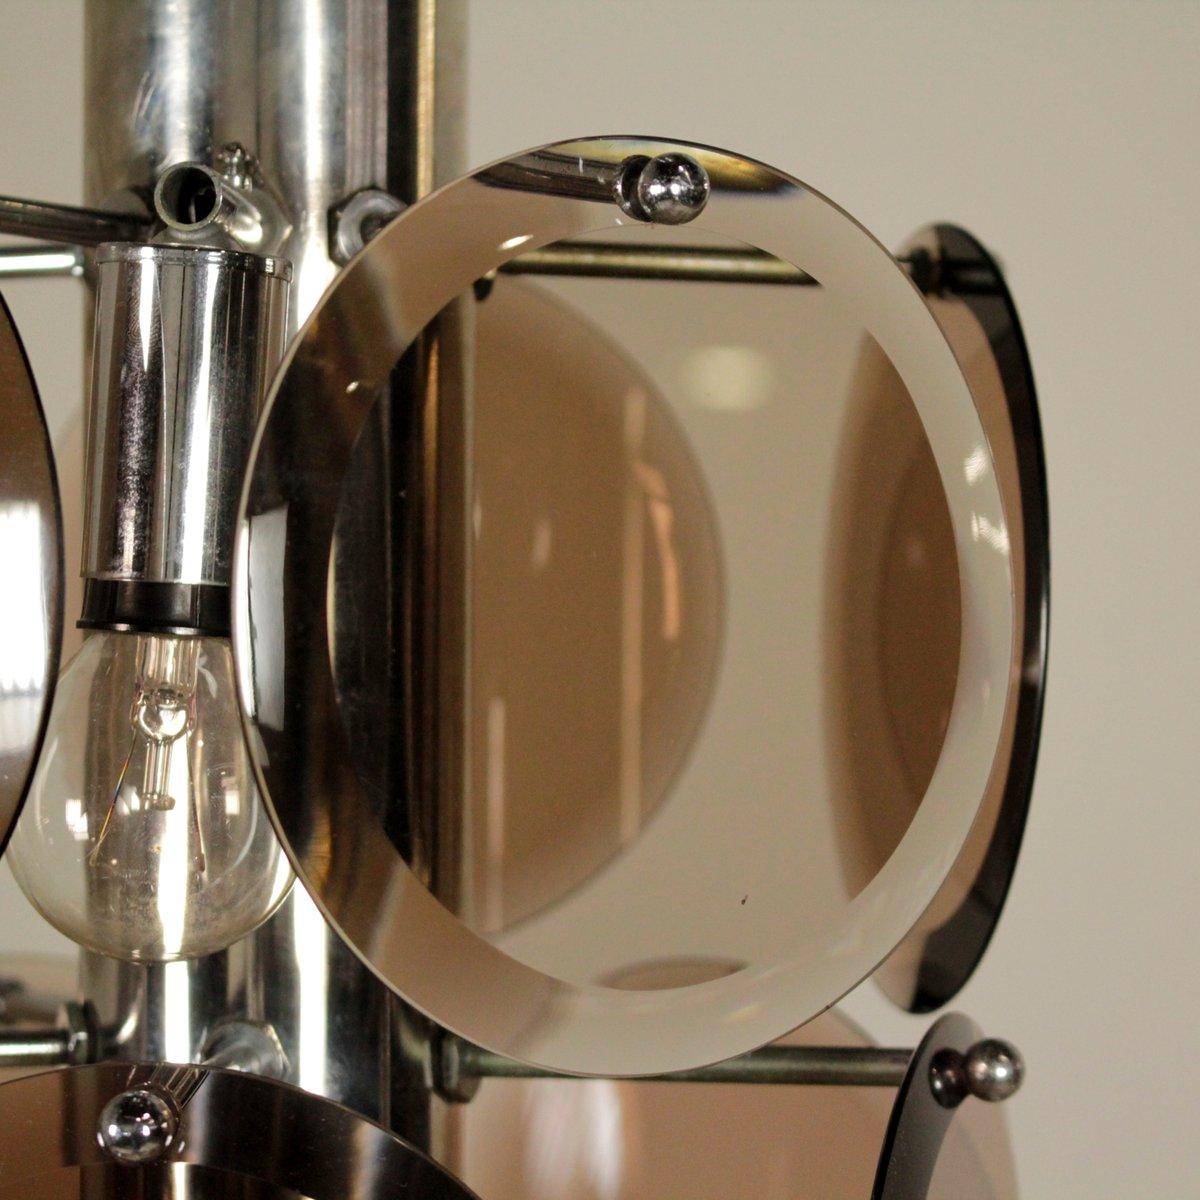 italienische vintage h ngelampe mit braunen glasscheiben bei pamono kaufen. Black Bedroom Furniture Sets. Home Design Ideas